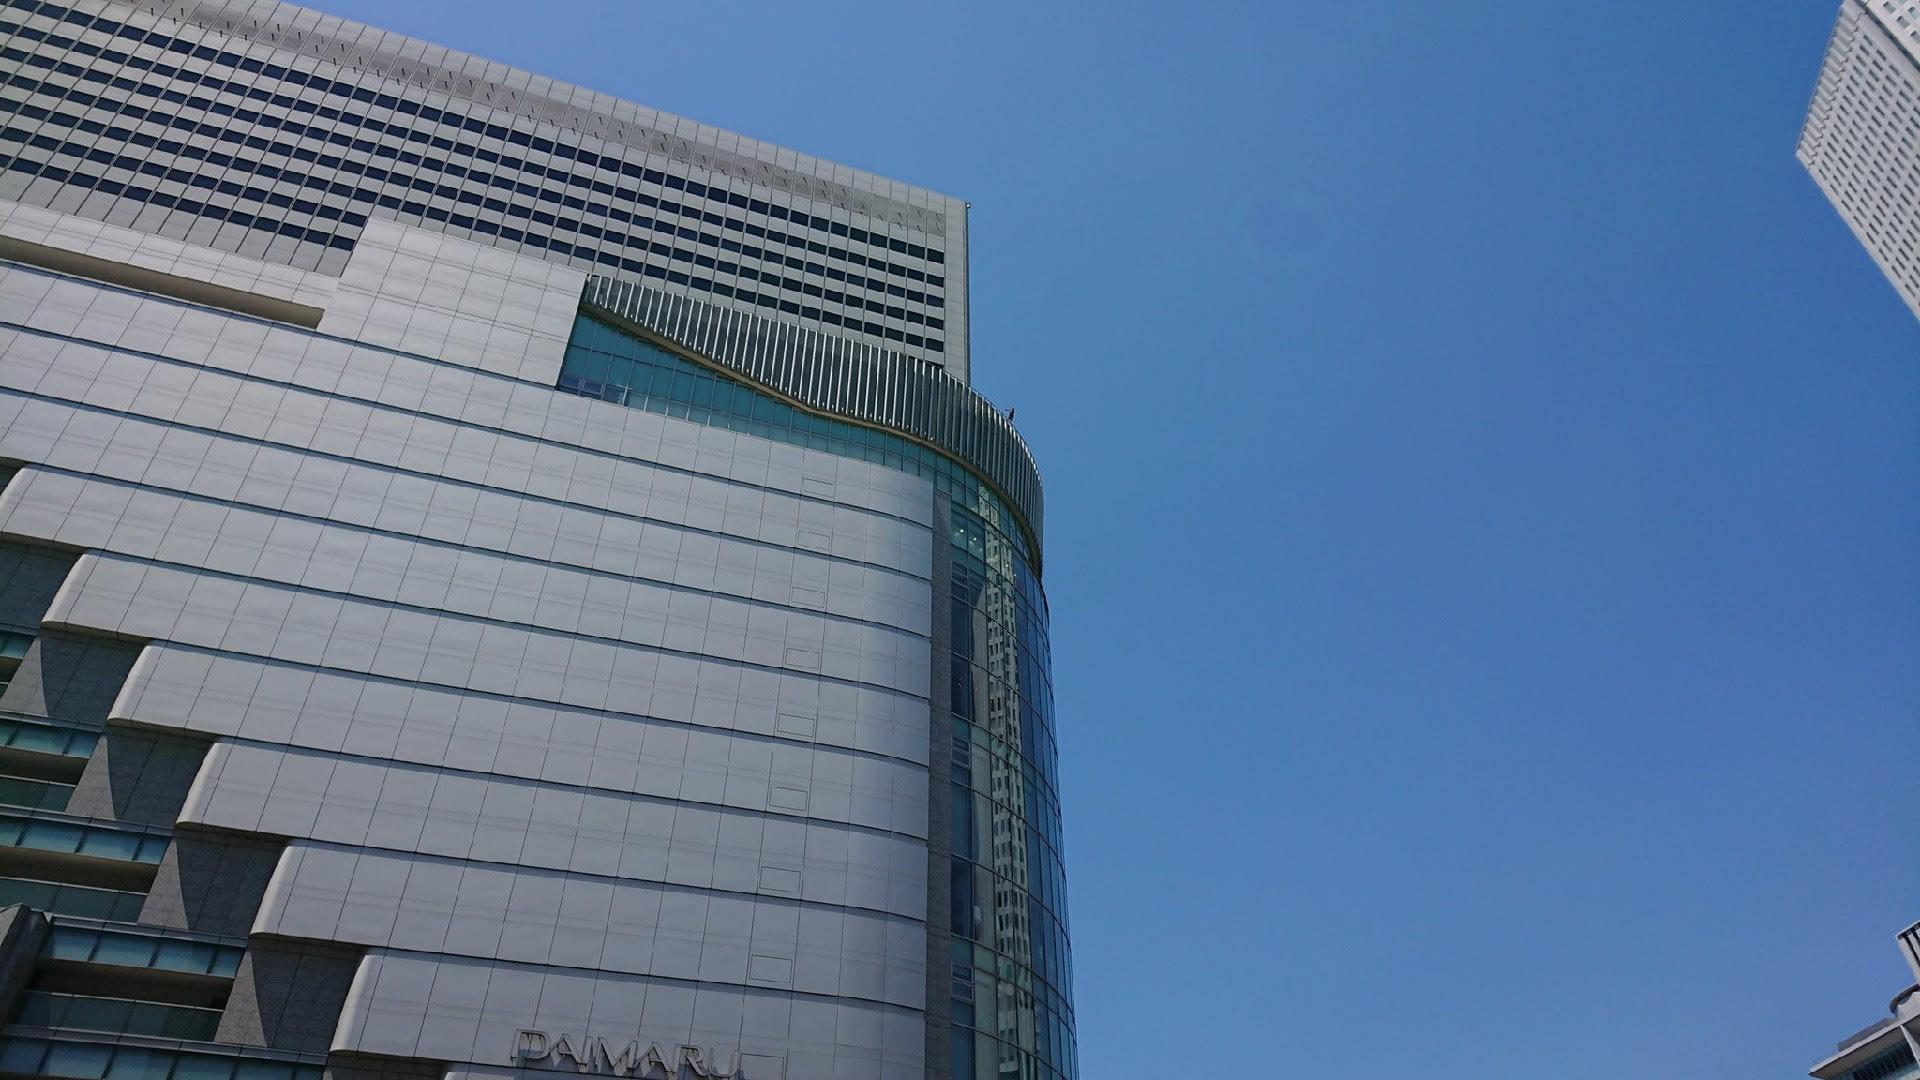 【動画】JR大阪駅ビル16階から女性が飛び降り死亡 警察官が約50分にわたり説得を試みるも・・・